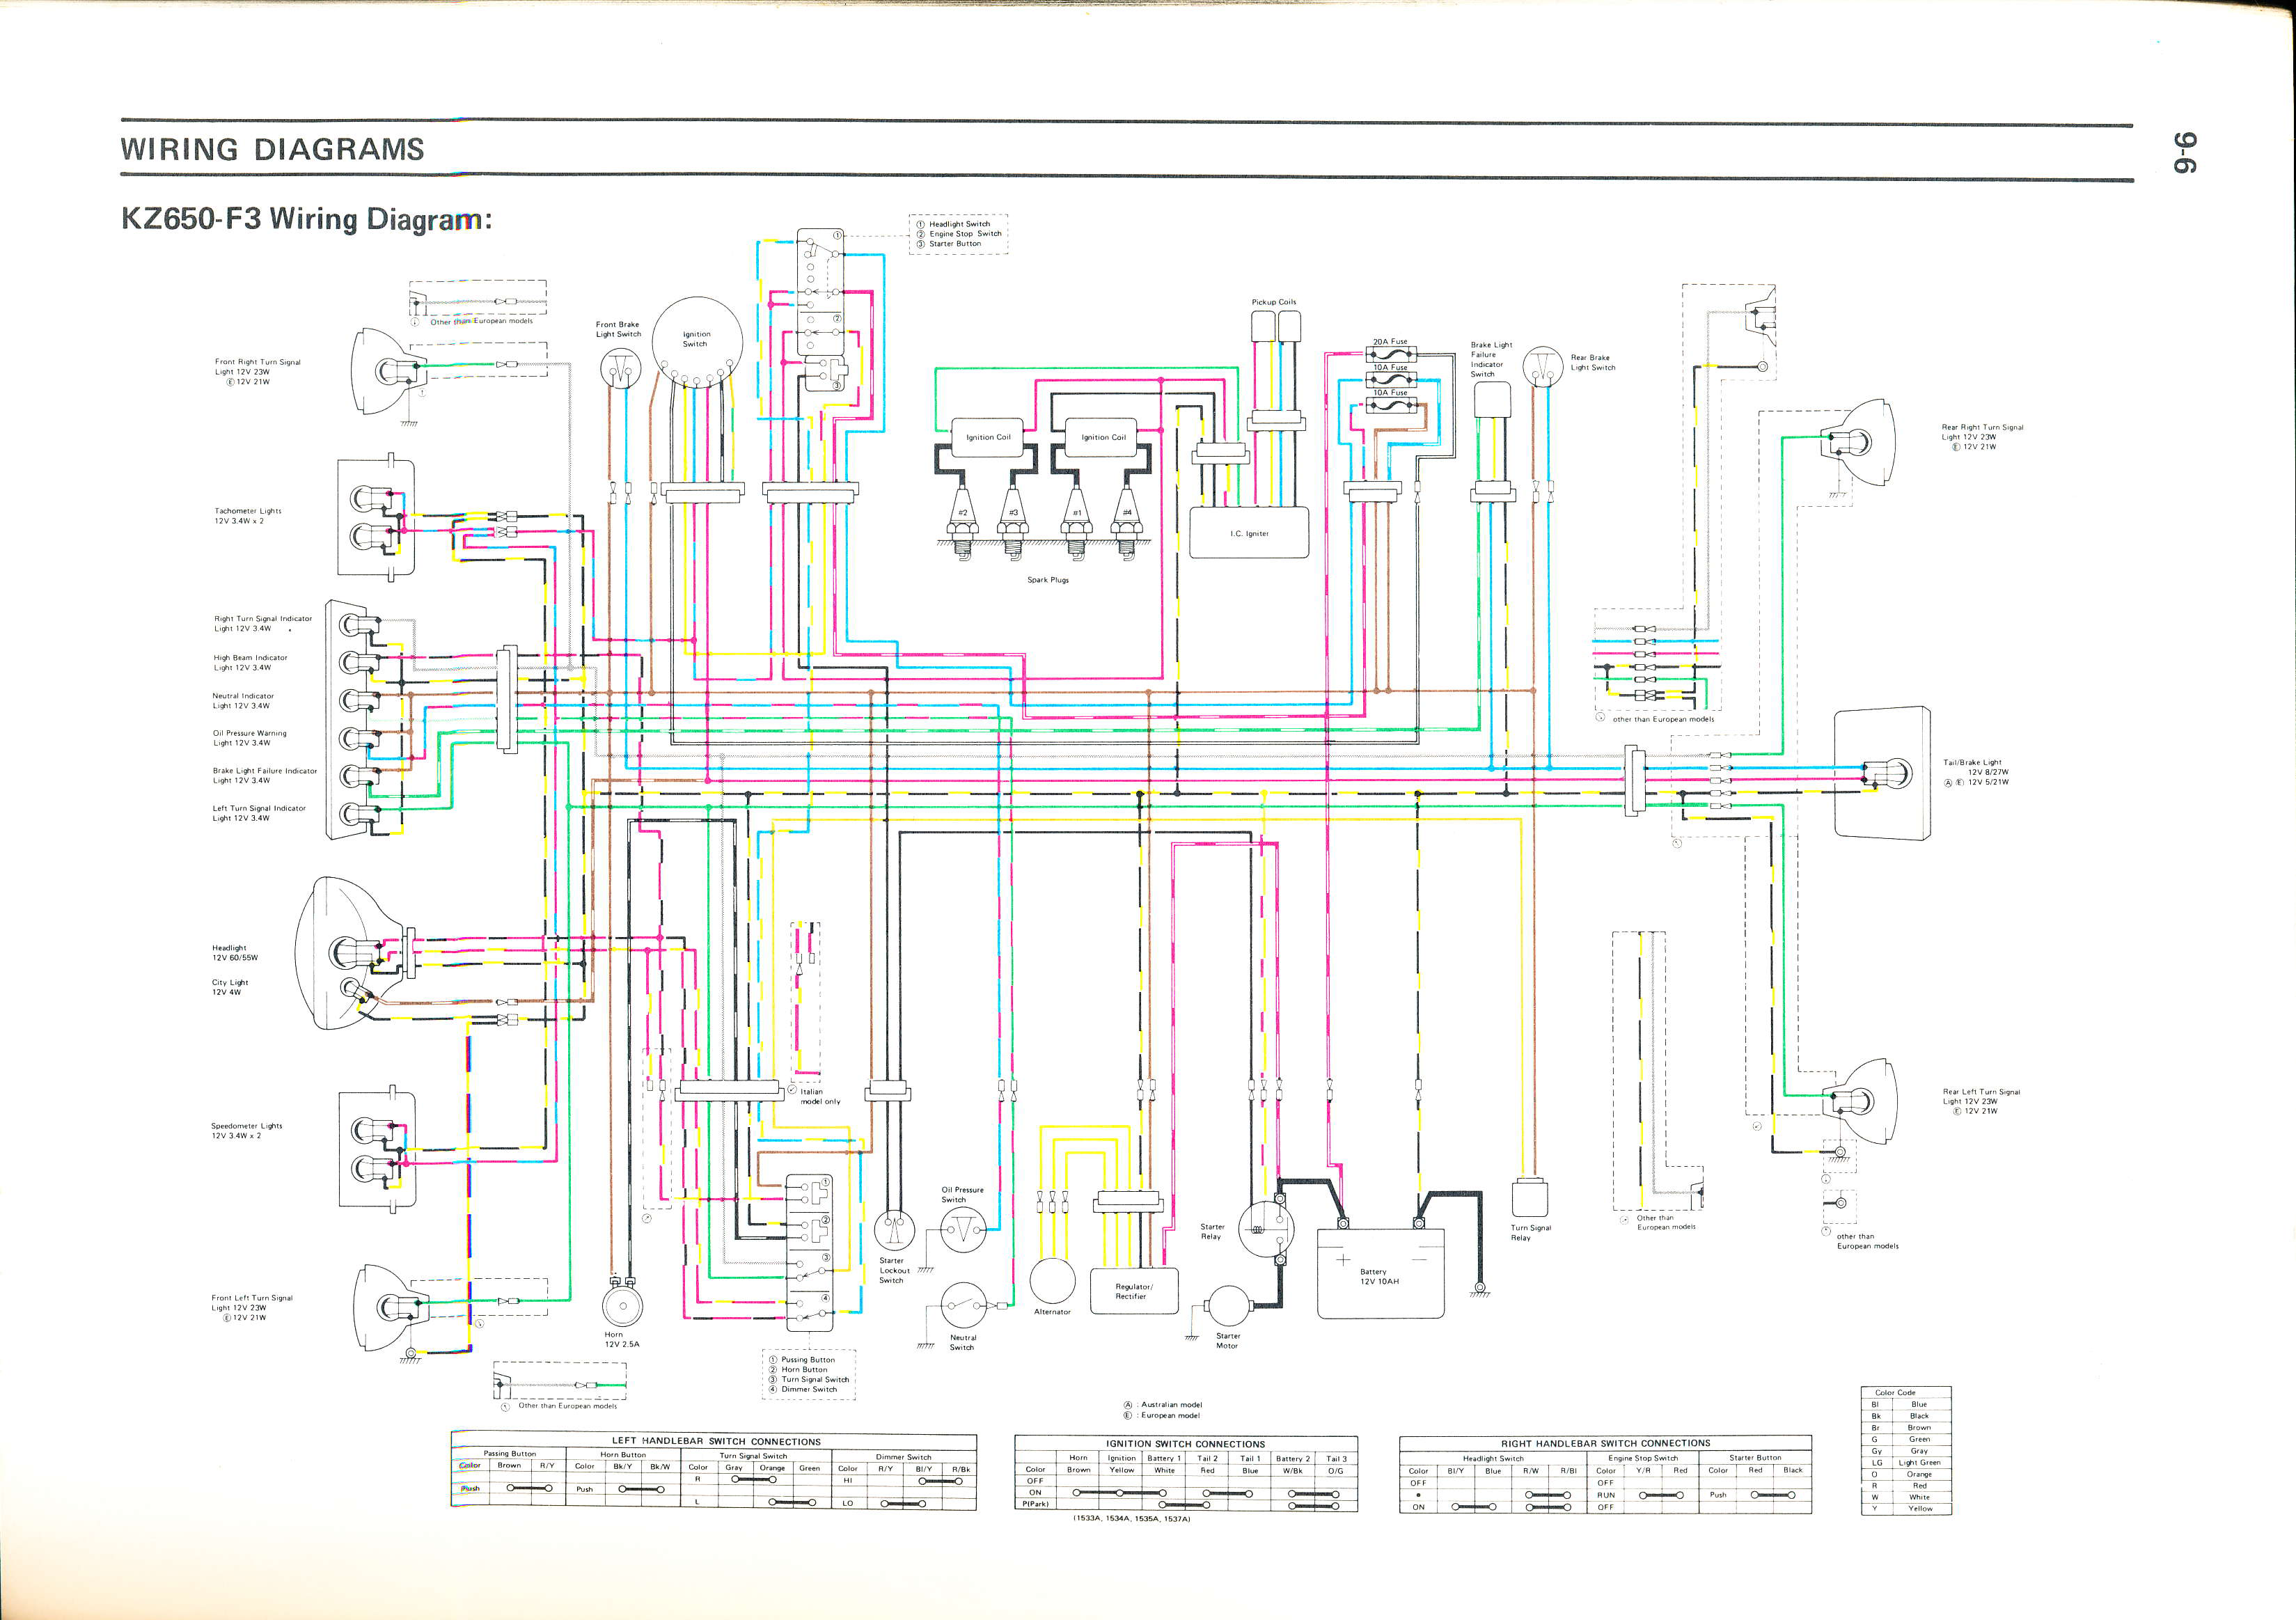 [DIAGRAM_5LK]  B2a Kz650 Wiring Diagram Honda Civic Intake Manifold Wiring -  megawati.5.allianceconseil59.fr | Kz650 Wiring Diagram |  | megawati.5.allianceconseil59.fr